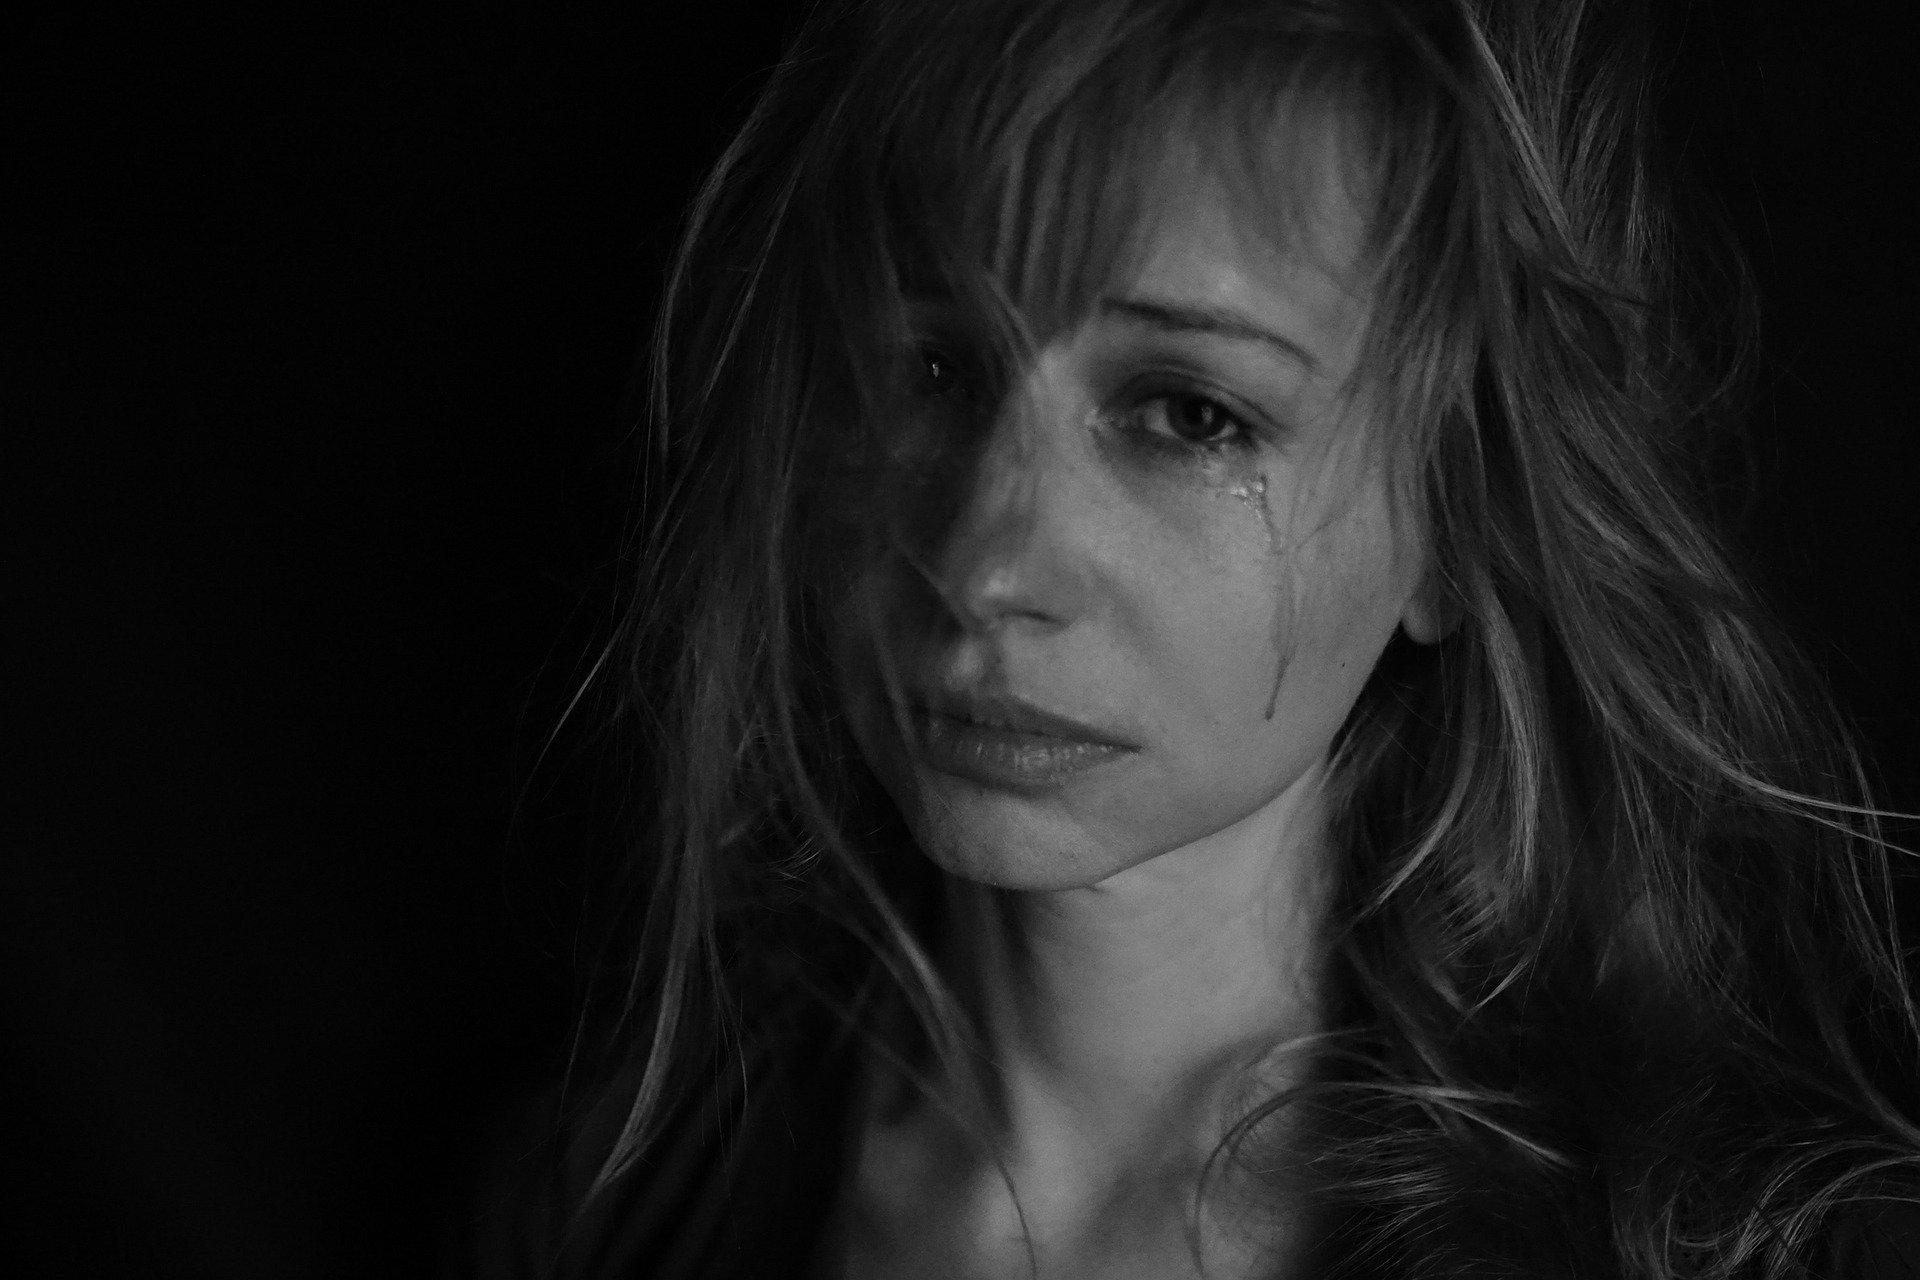 tears-4551435_1920